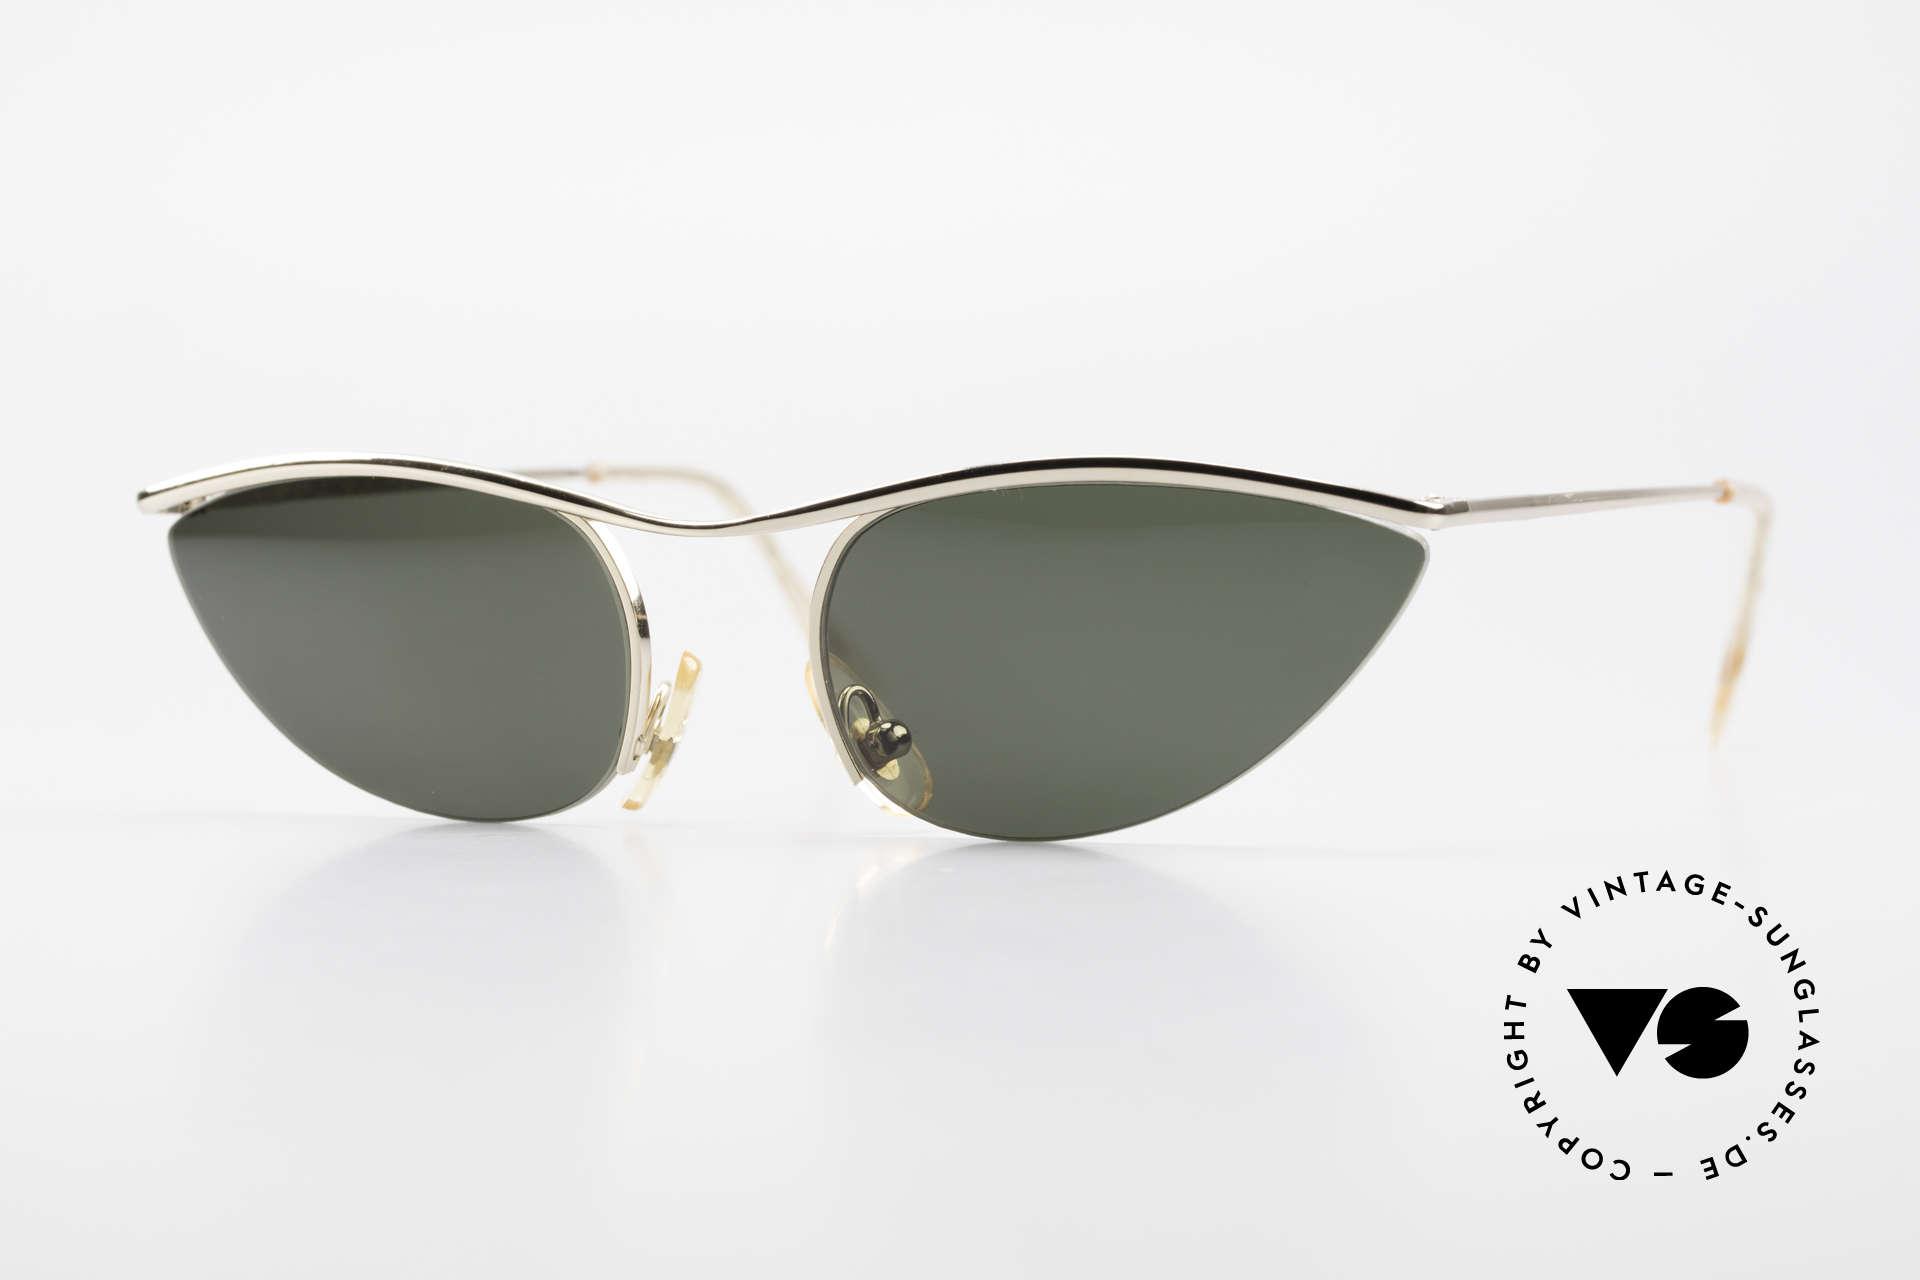 Cutler And Gross 0359 Cat Eye Designer Sunglasses, CUTLER and GROSS designer shades from the late 90's, Made for Women